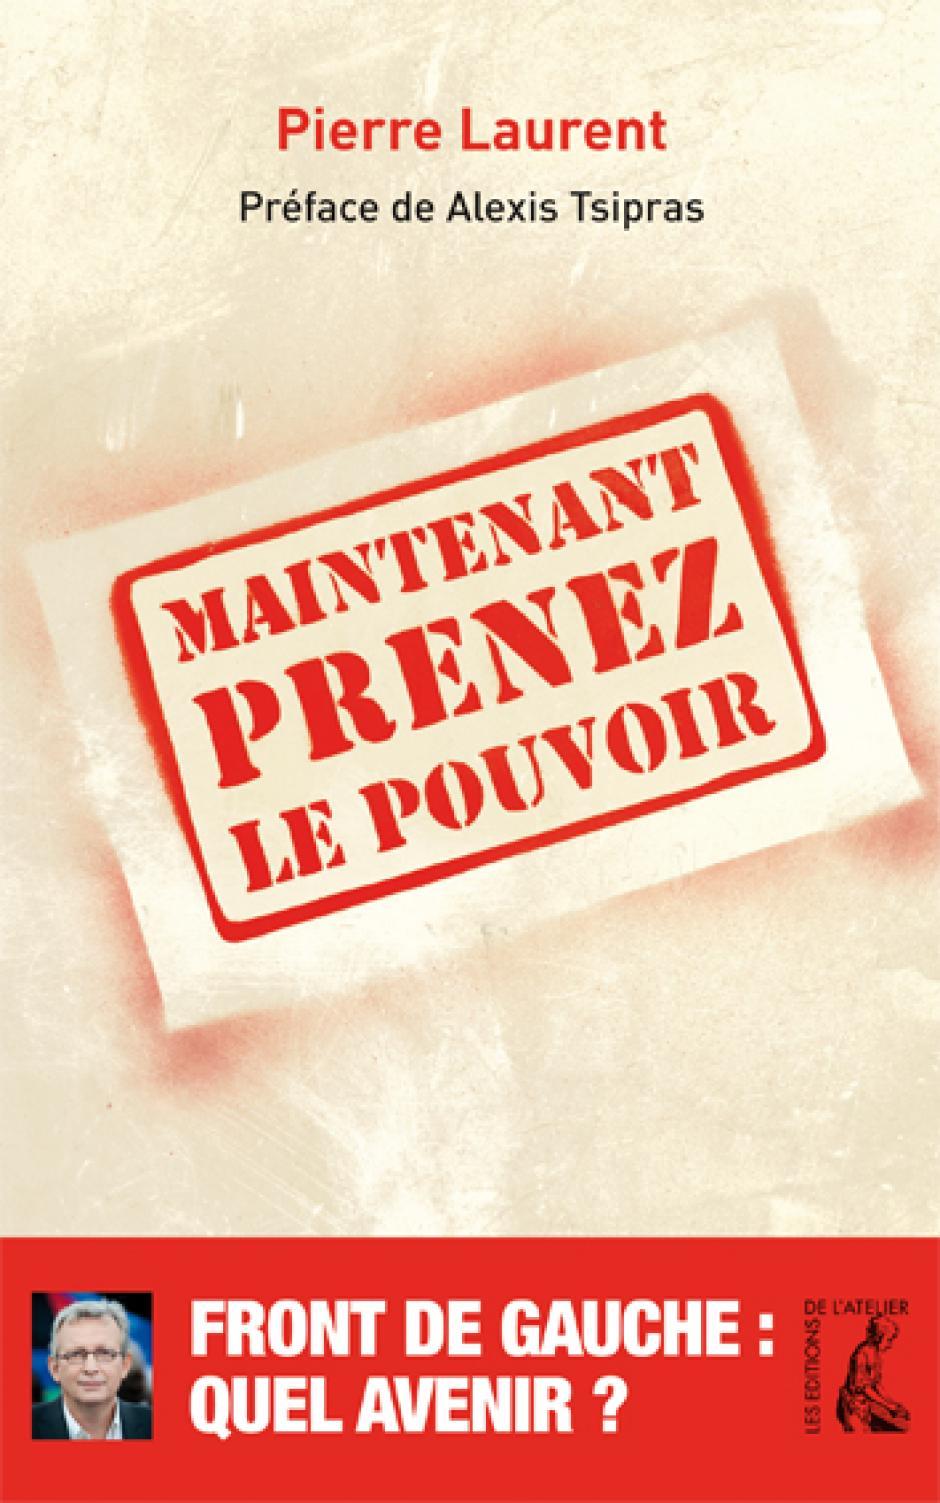 Pierre Laurent - Maintenant Prenez le pouvoir !